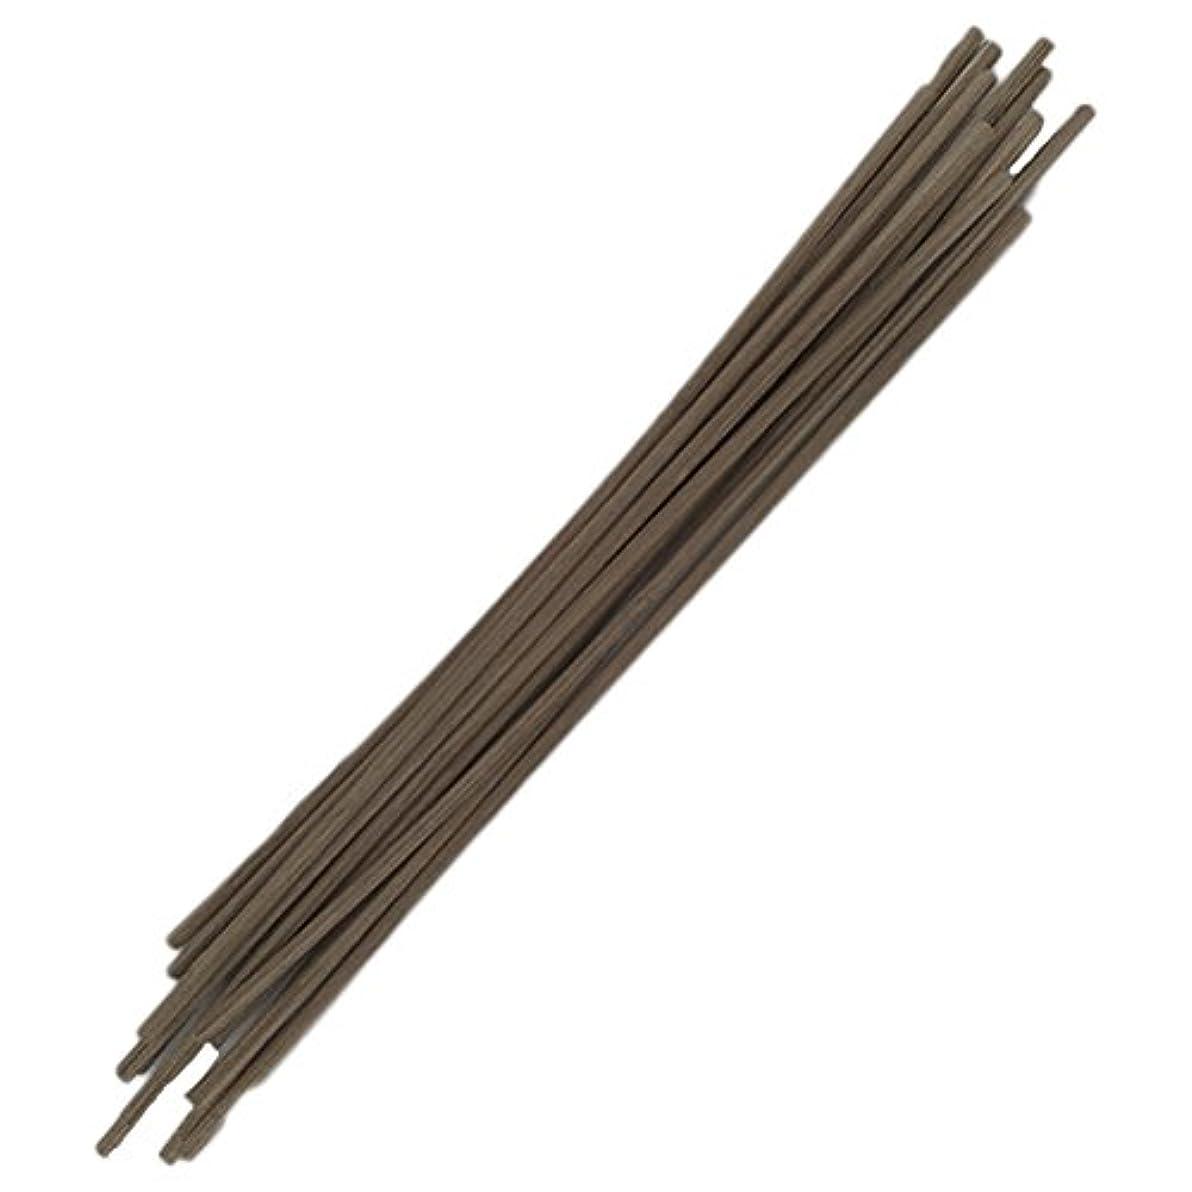 形式ポンプ然としたHEALIFTY 30pcs籐のリードは自然の香りのリードのディフューザーのアロマオイルディフューザー籐25センチメートルスティック